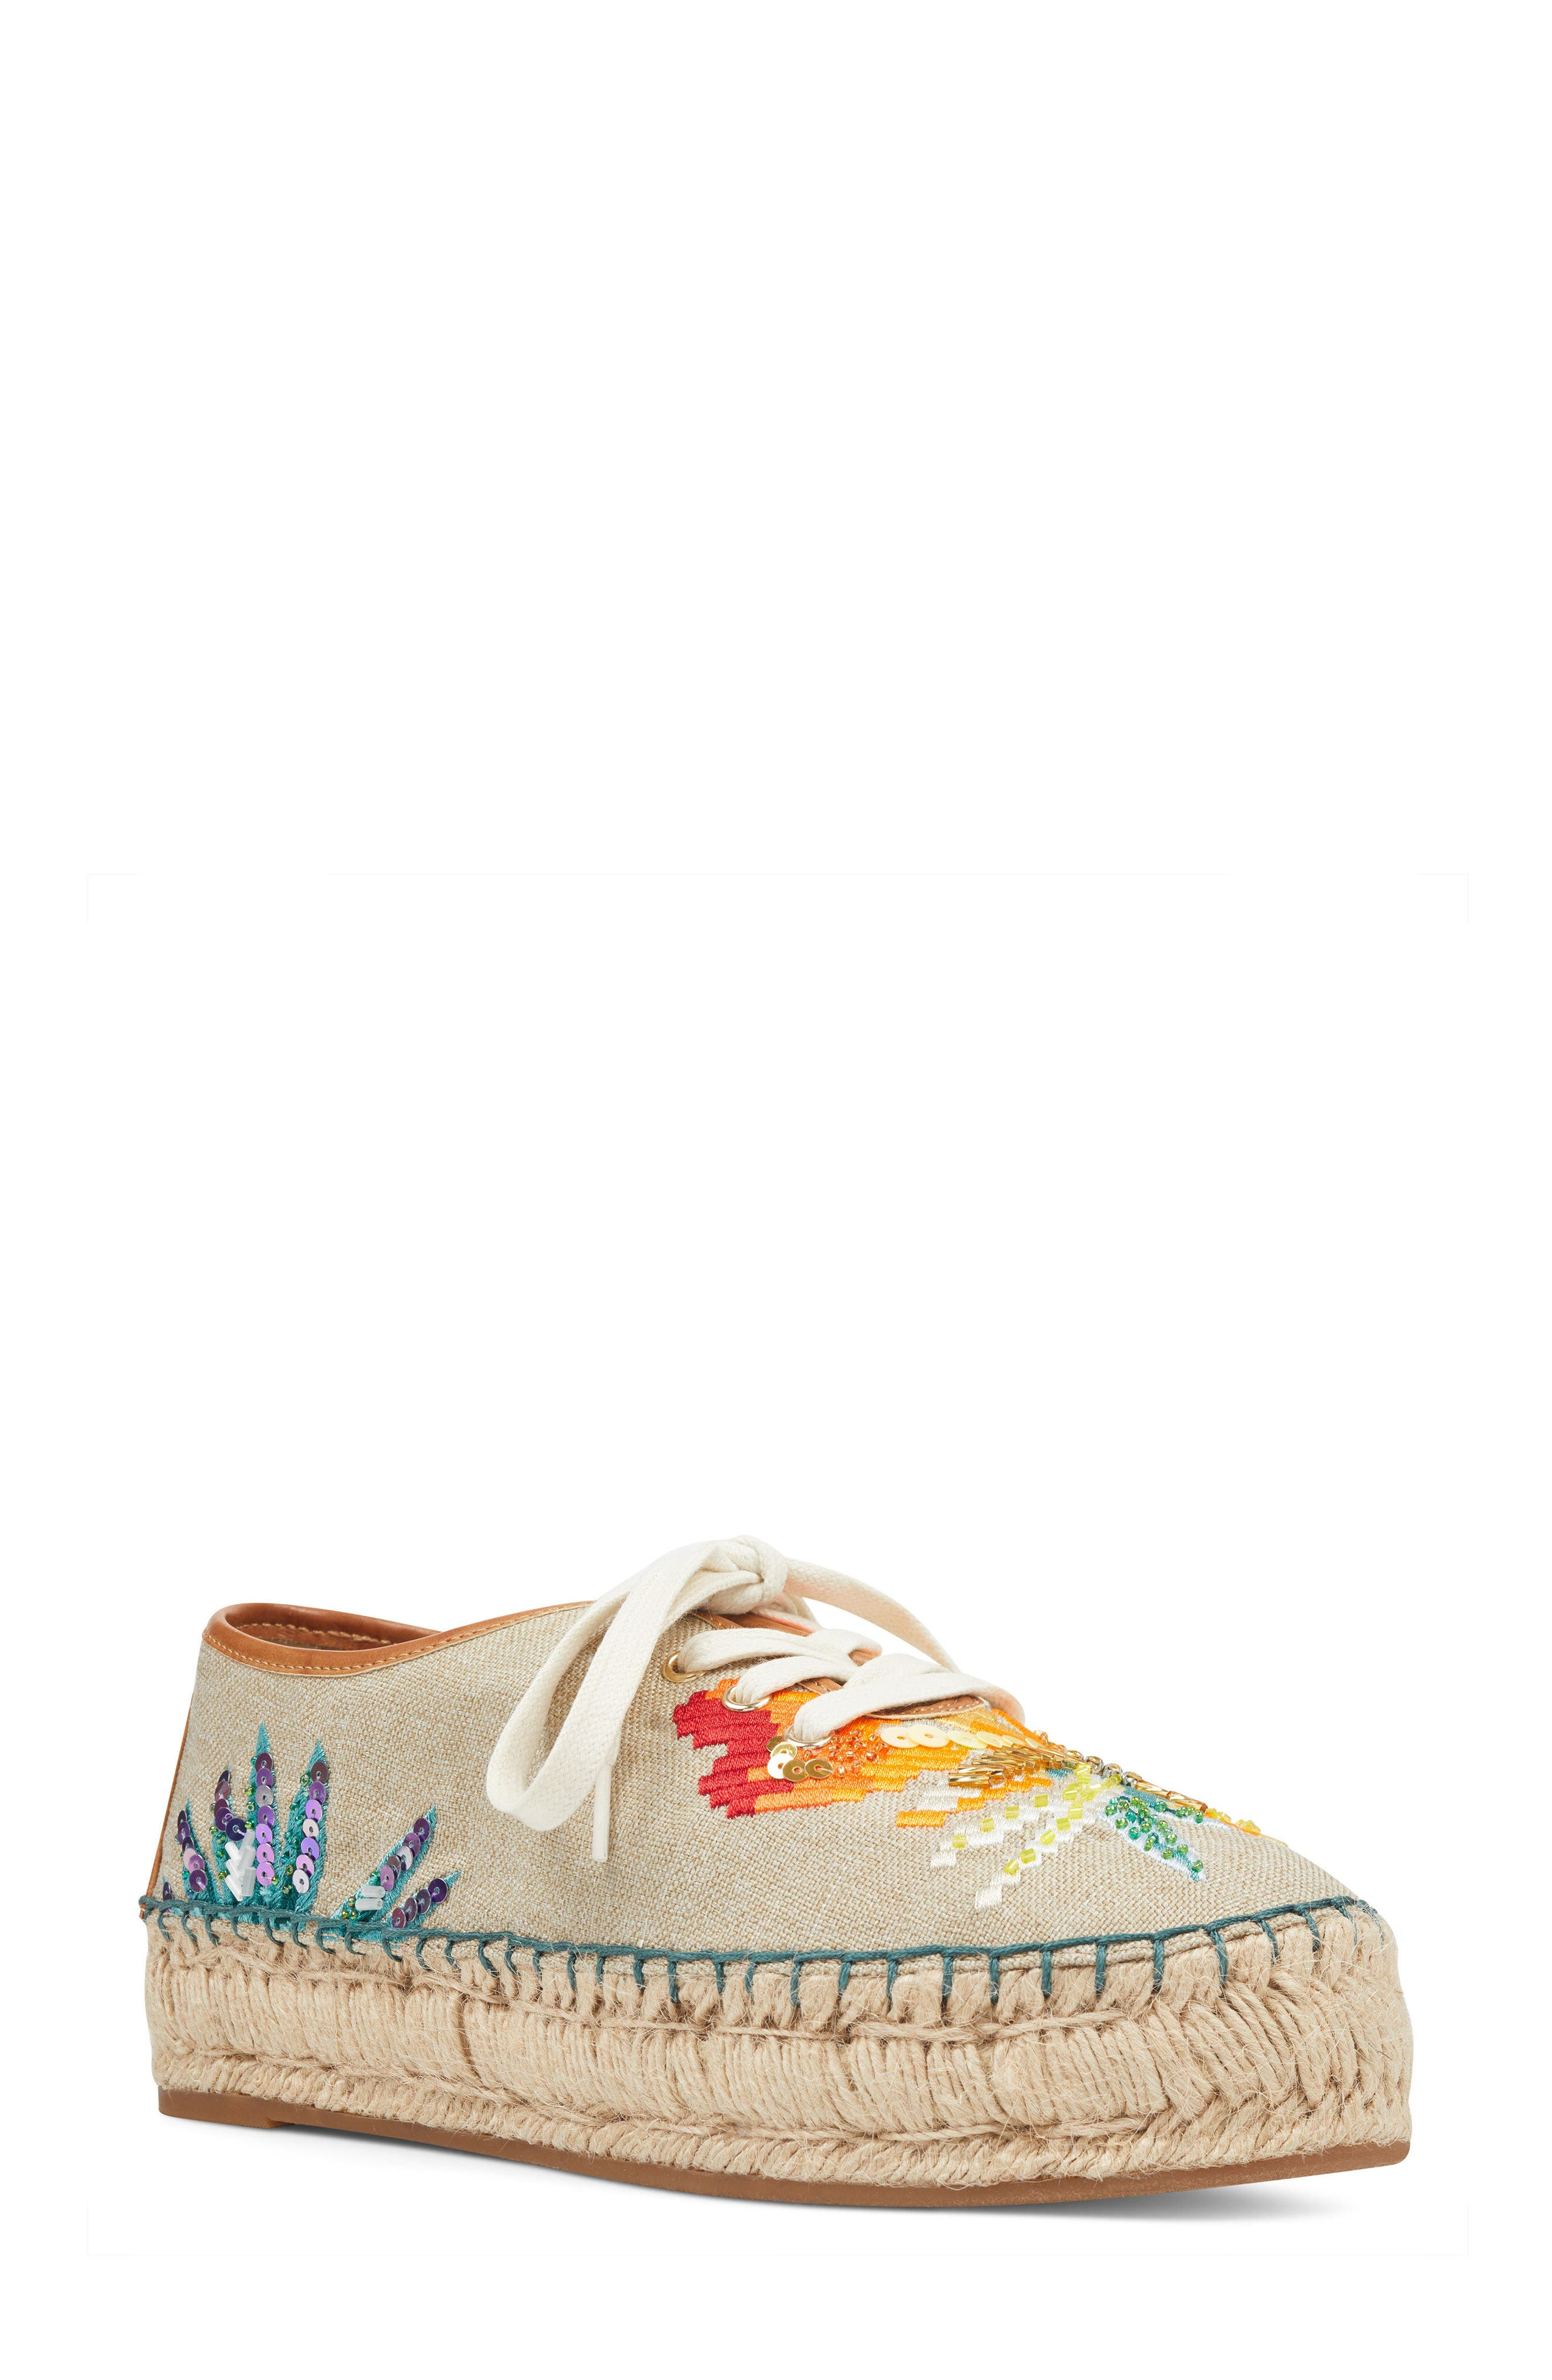 Guinup Embellished Espadrille Sneaker,                             Main thumbnail 1, color,                             250